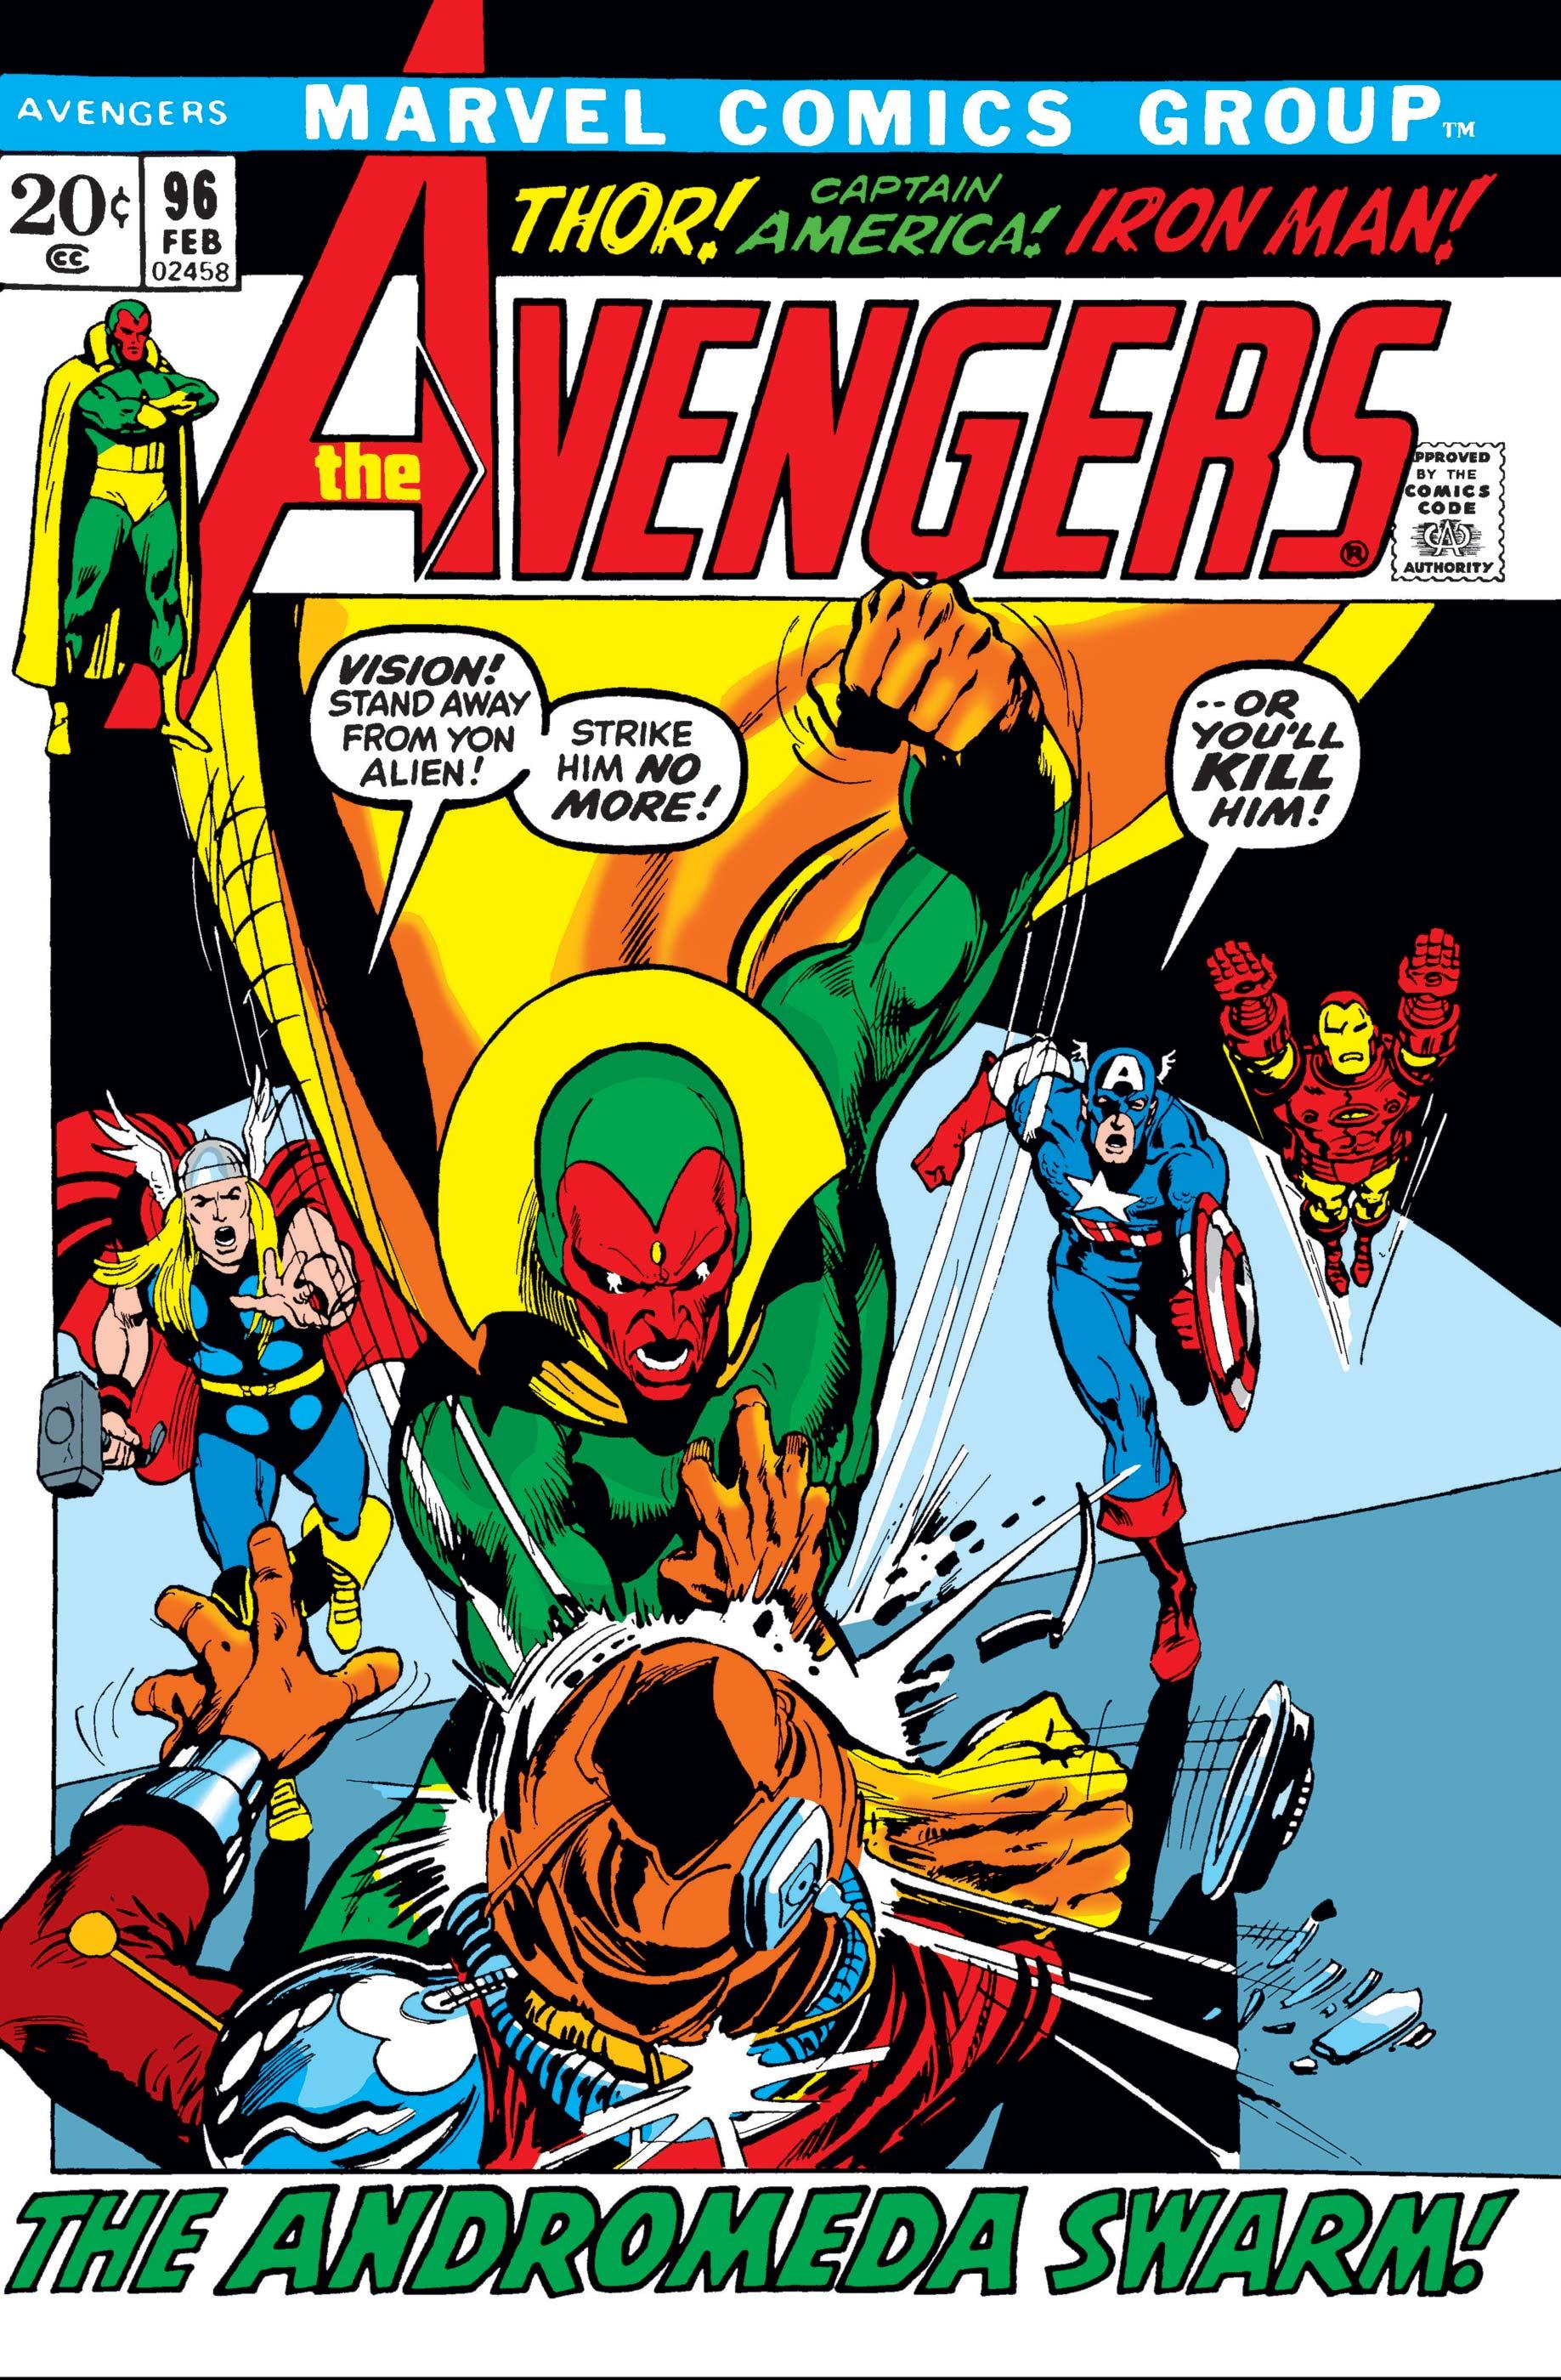 Avengers (1963) #96